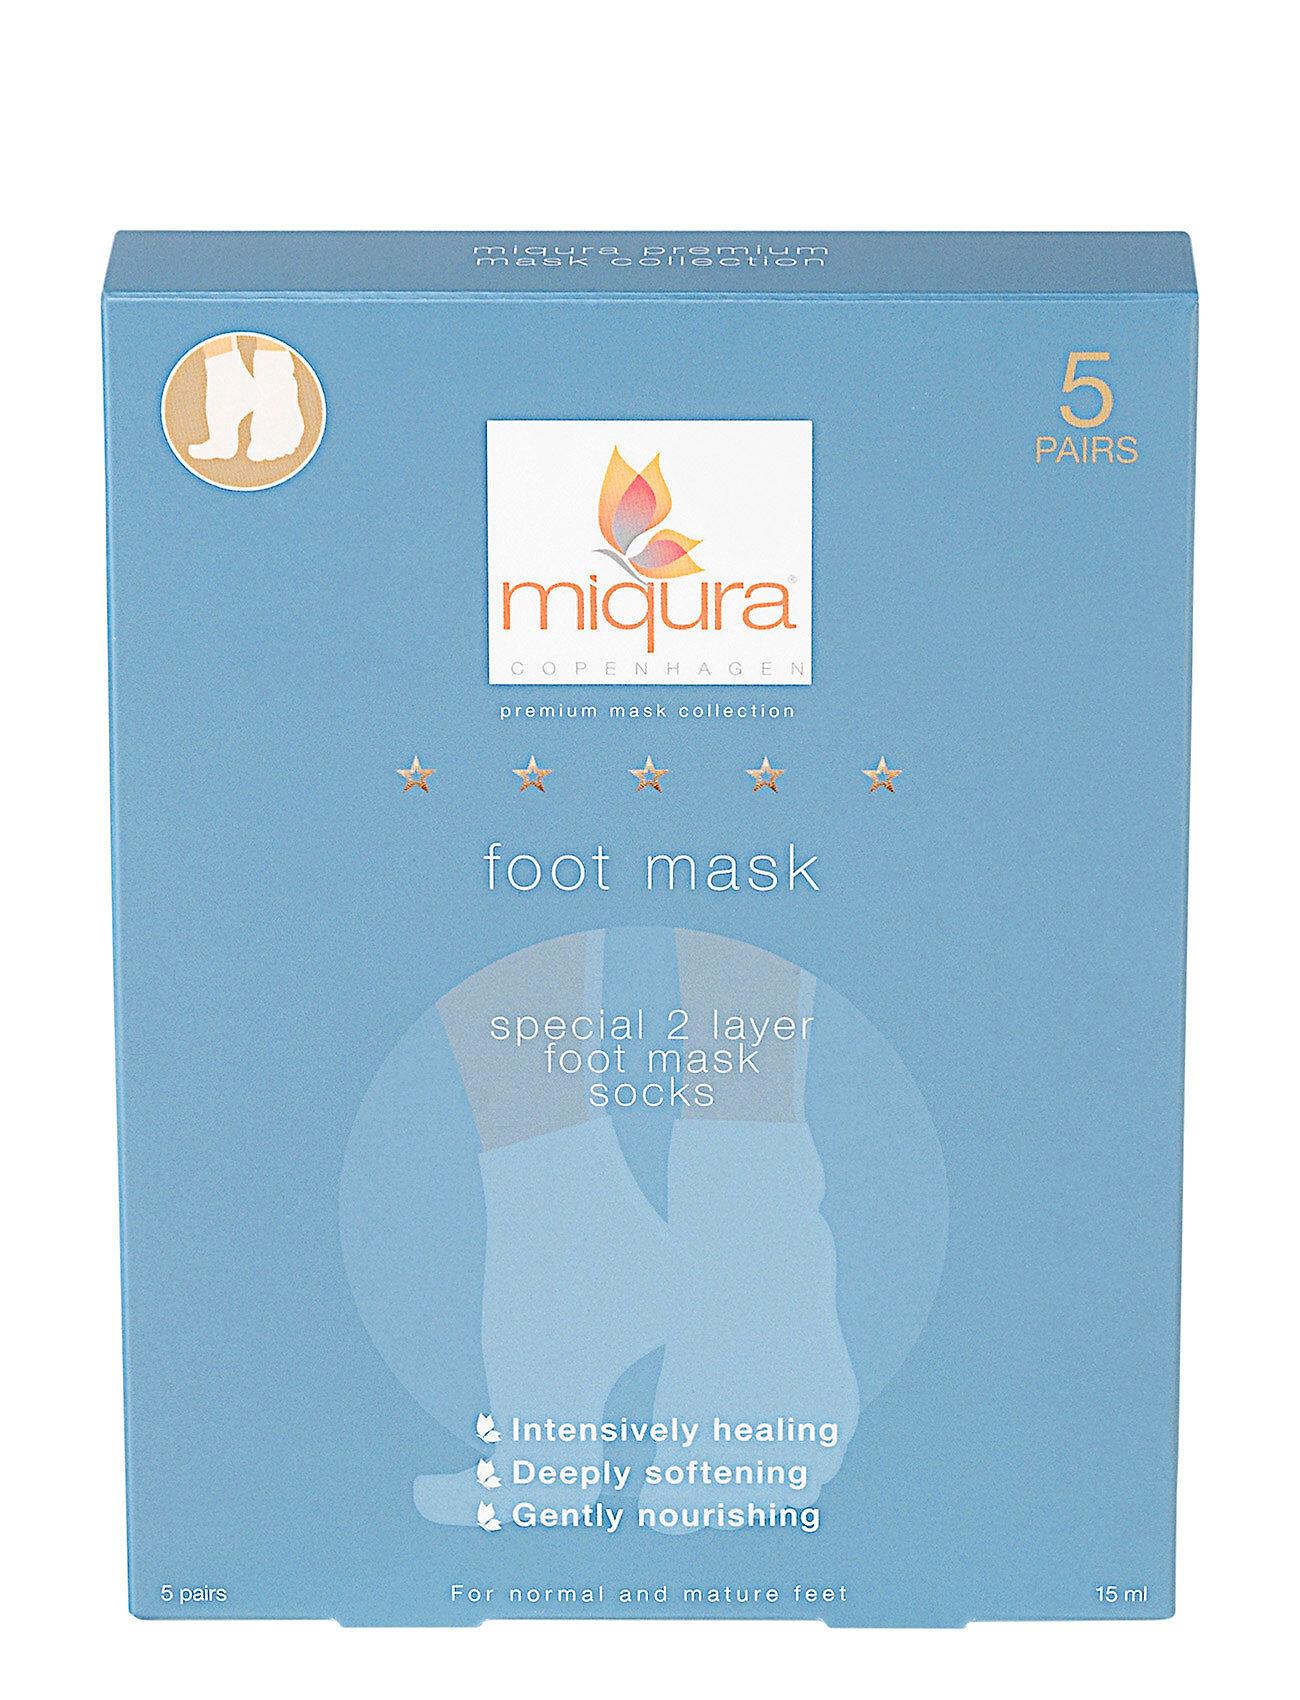 Miqura Premium Foot Mask (5 Pair) Box